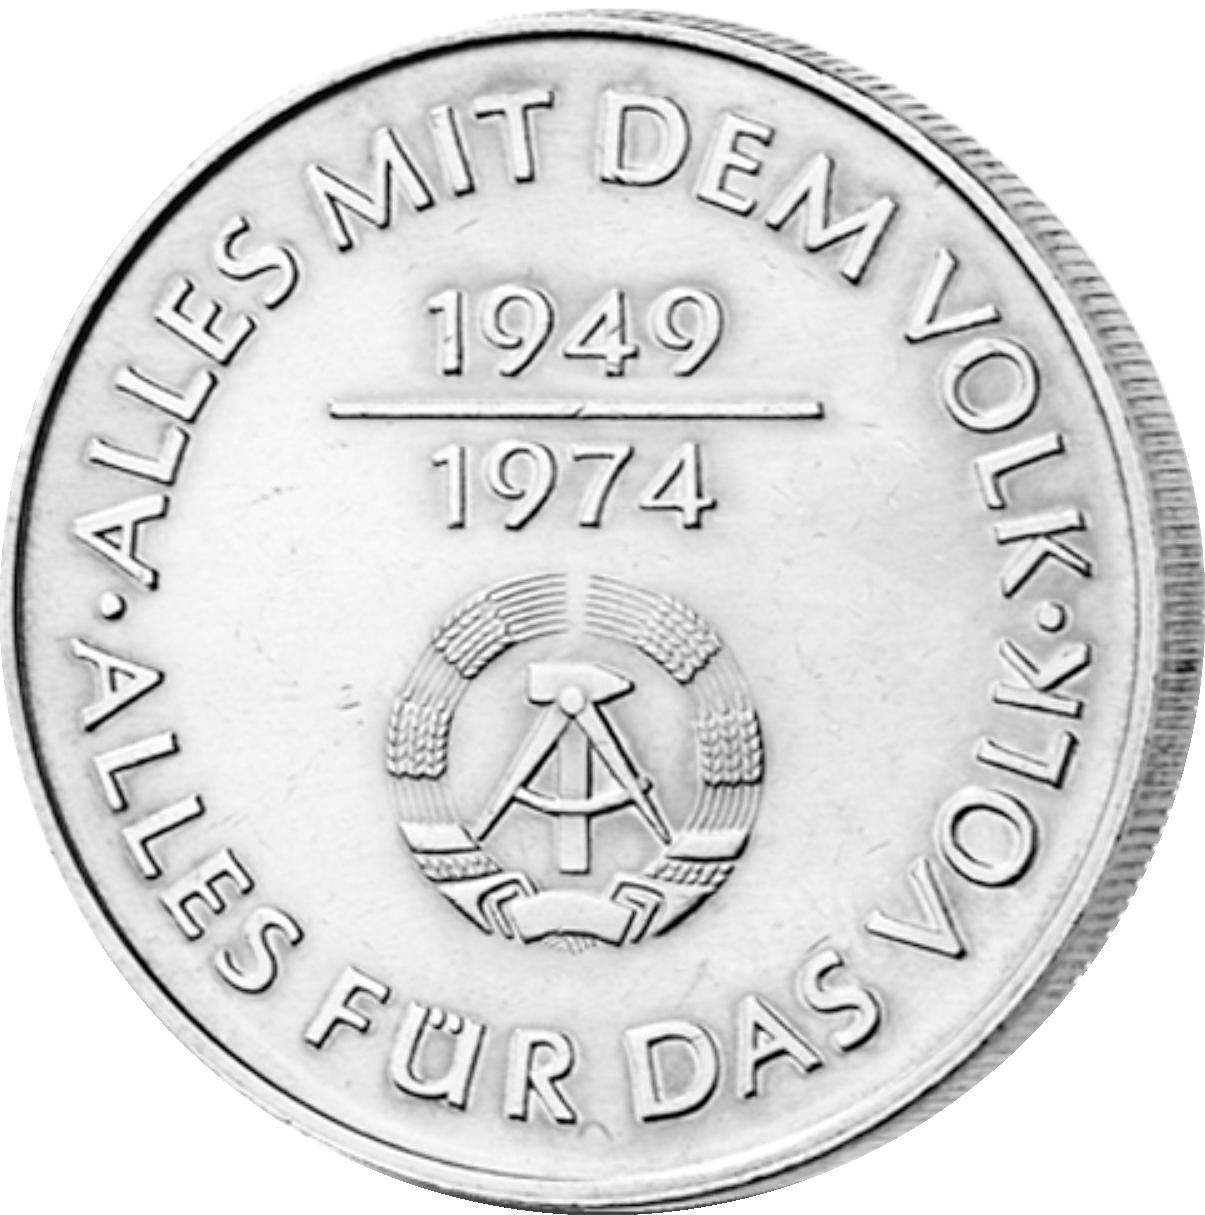 10 Mark Neusilber 25 Jahre Ddr 1974 Münzen Günstigerde